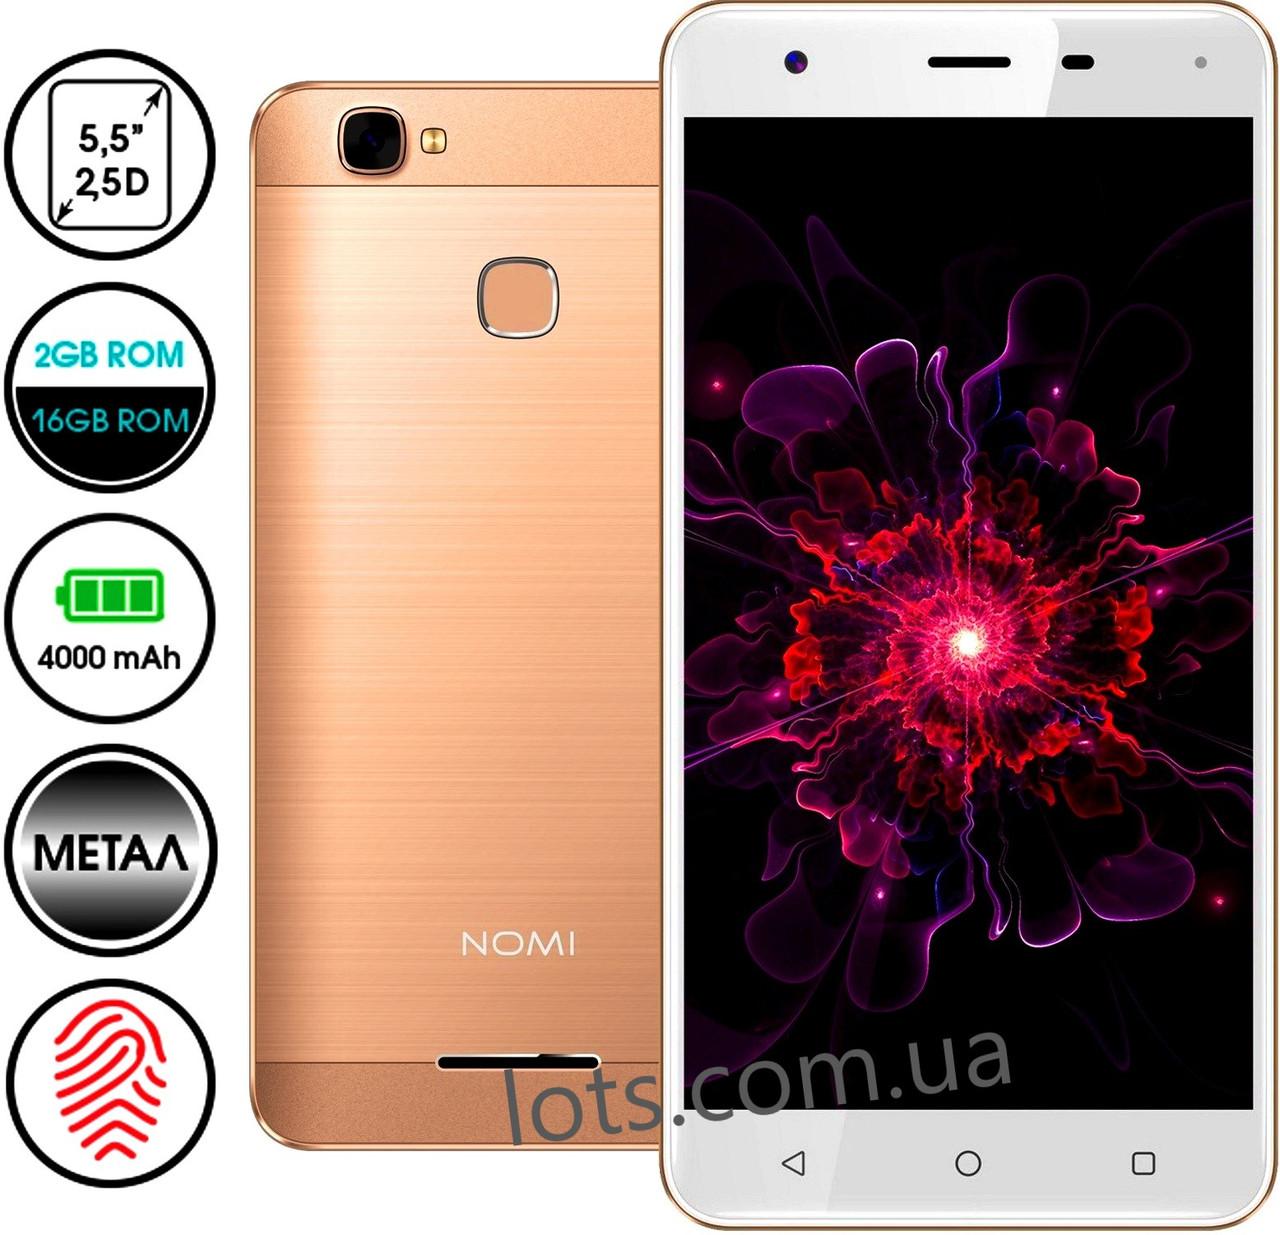 Смартфон Nomi i5532 2/16Gb Gold Камера 8/5 МП